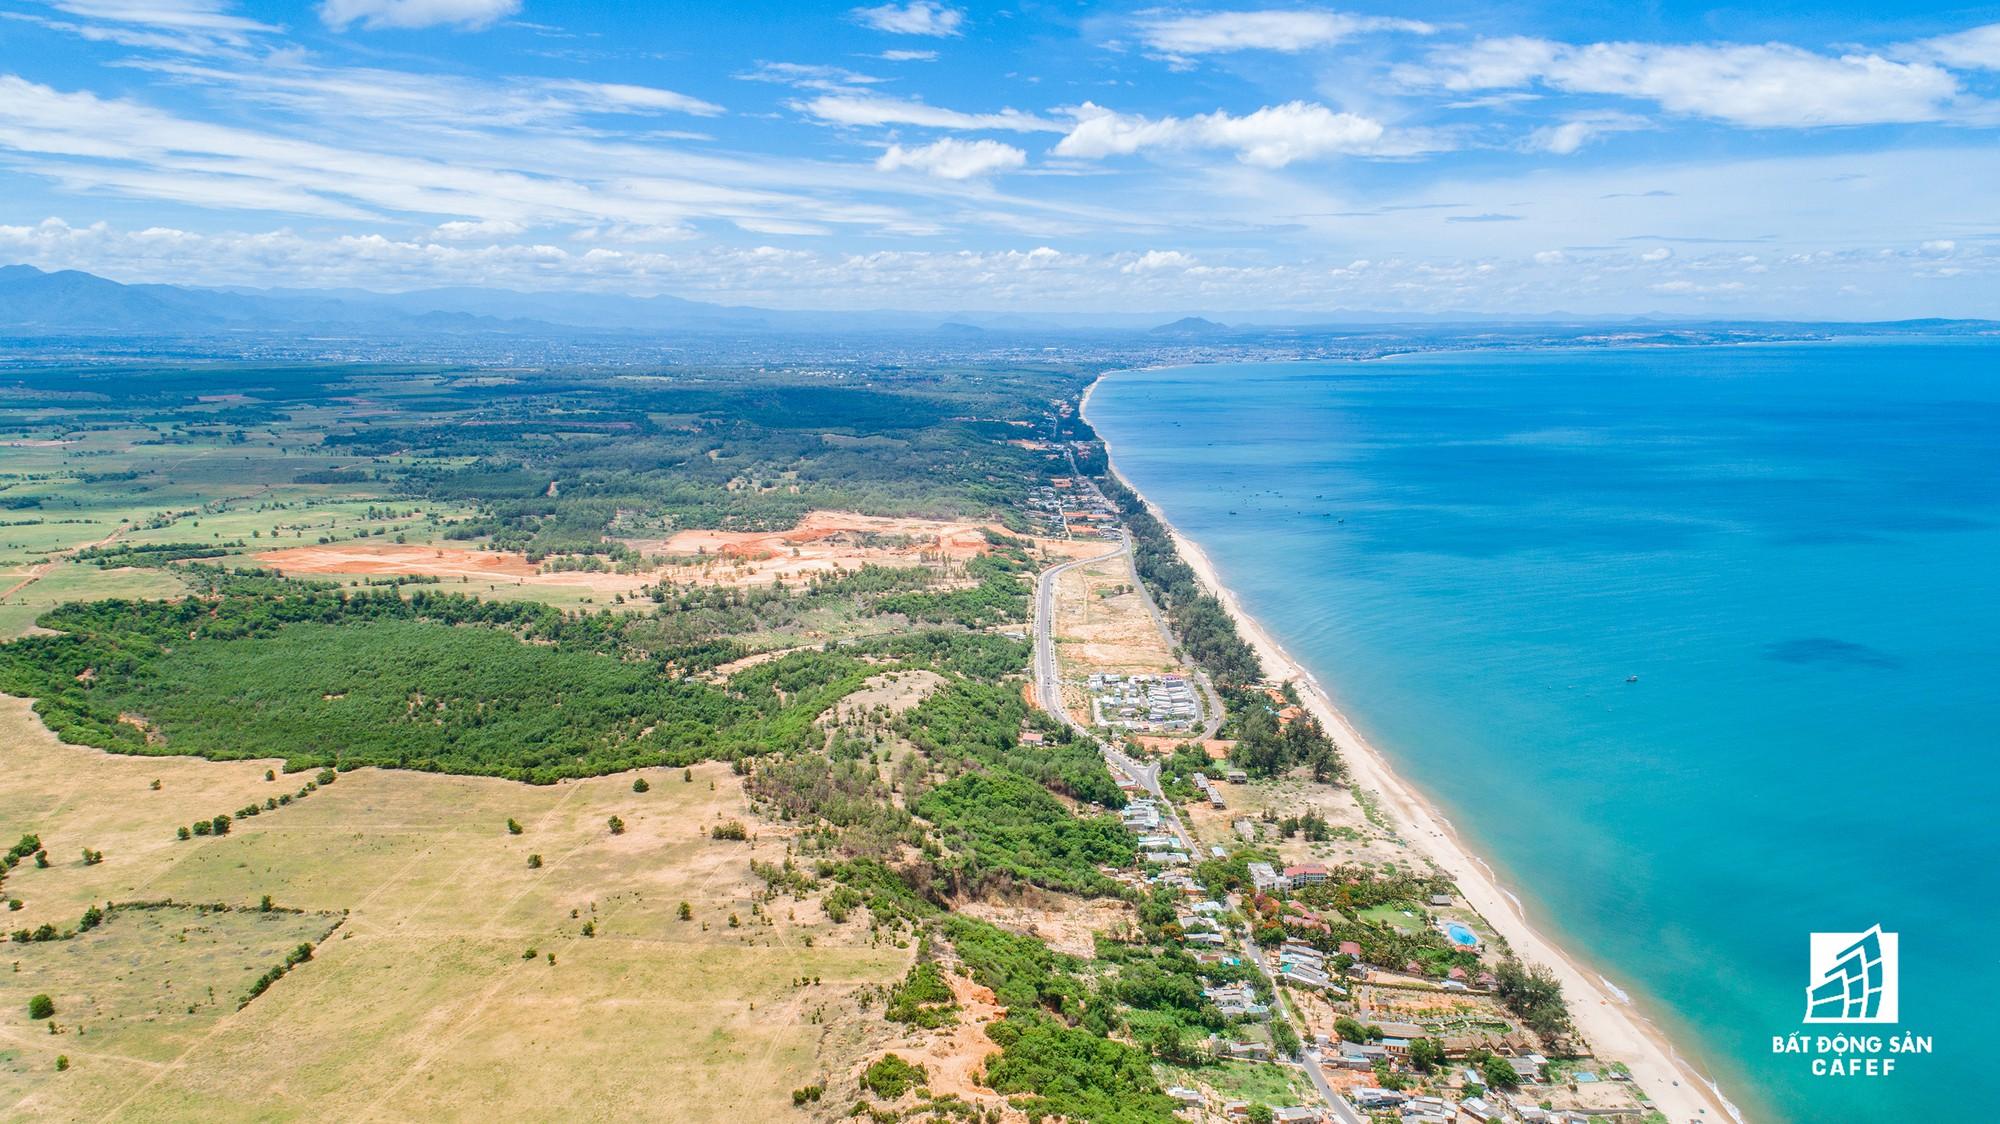 Quy hoạch thành khu du lịch quốc gia, dải ven biển này đang đón dòng vốn hàng tỷ USD, giá đất tăng chóng mặt - Ảnh 2.